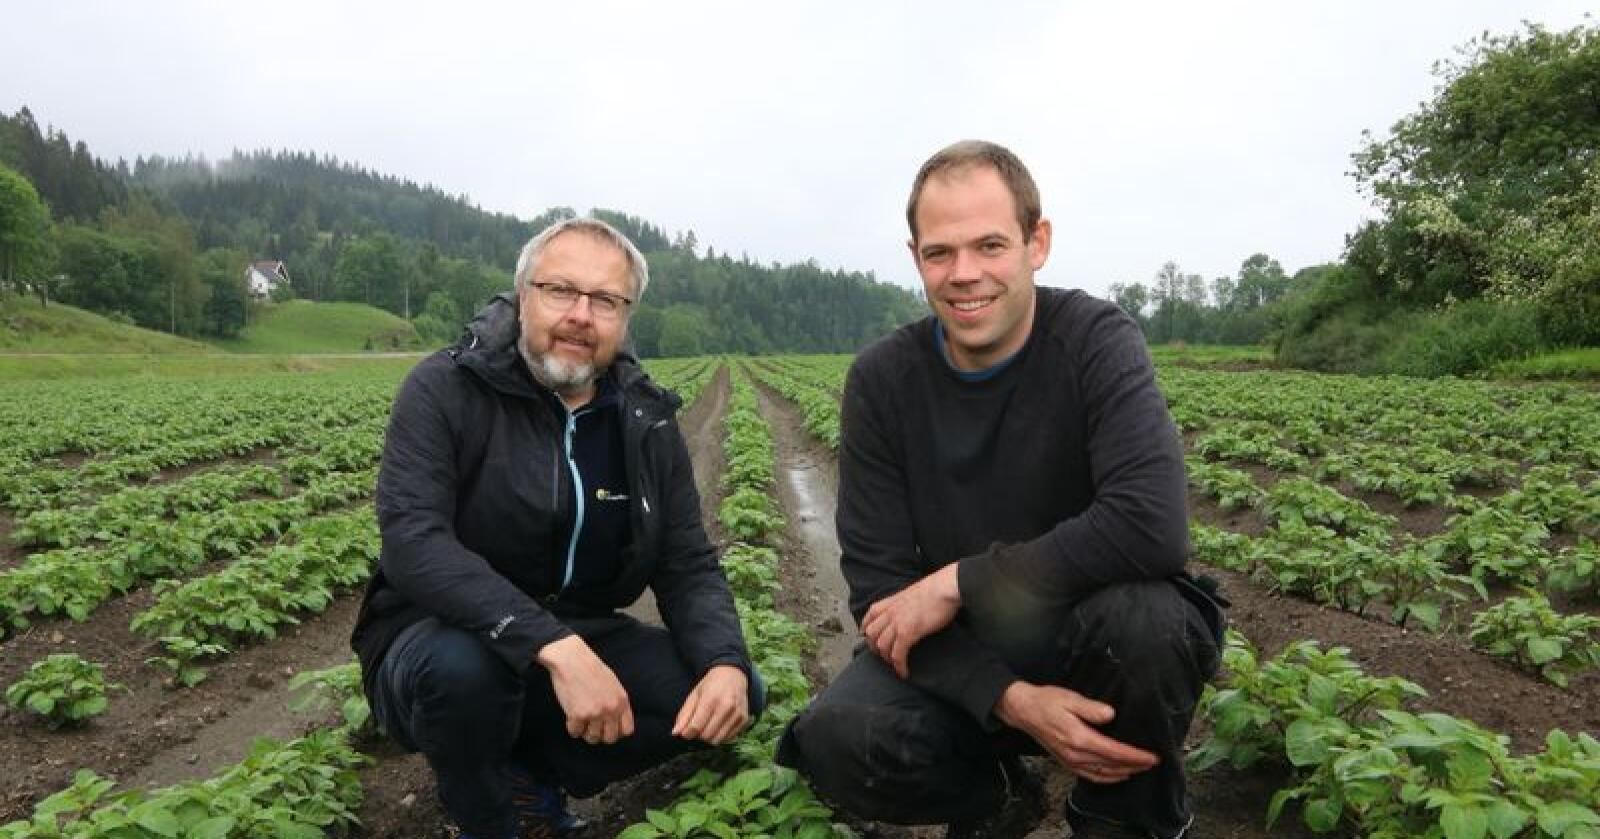 Leif Johan Rugsland har skaffet utstyr for å redusere avdrift av sprøytemidler. Her sammen med rådgiver Sigbjørn Leidal i NLR. (Foto: Øystein Heggdal)